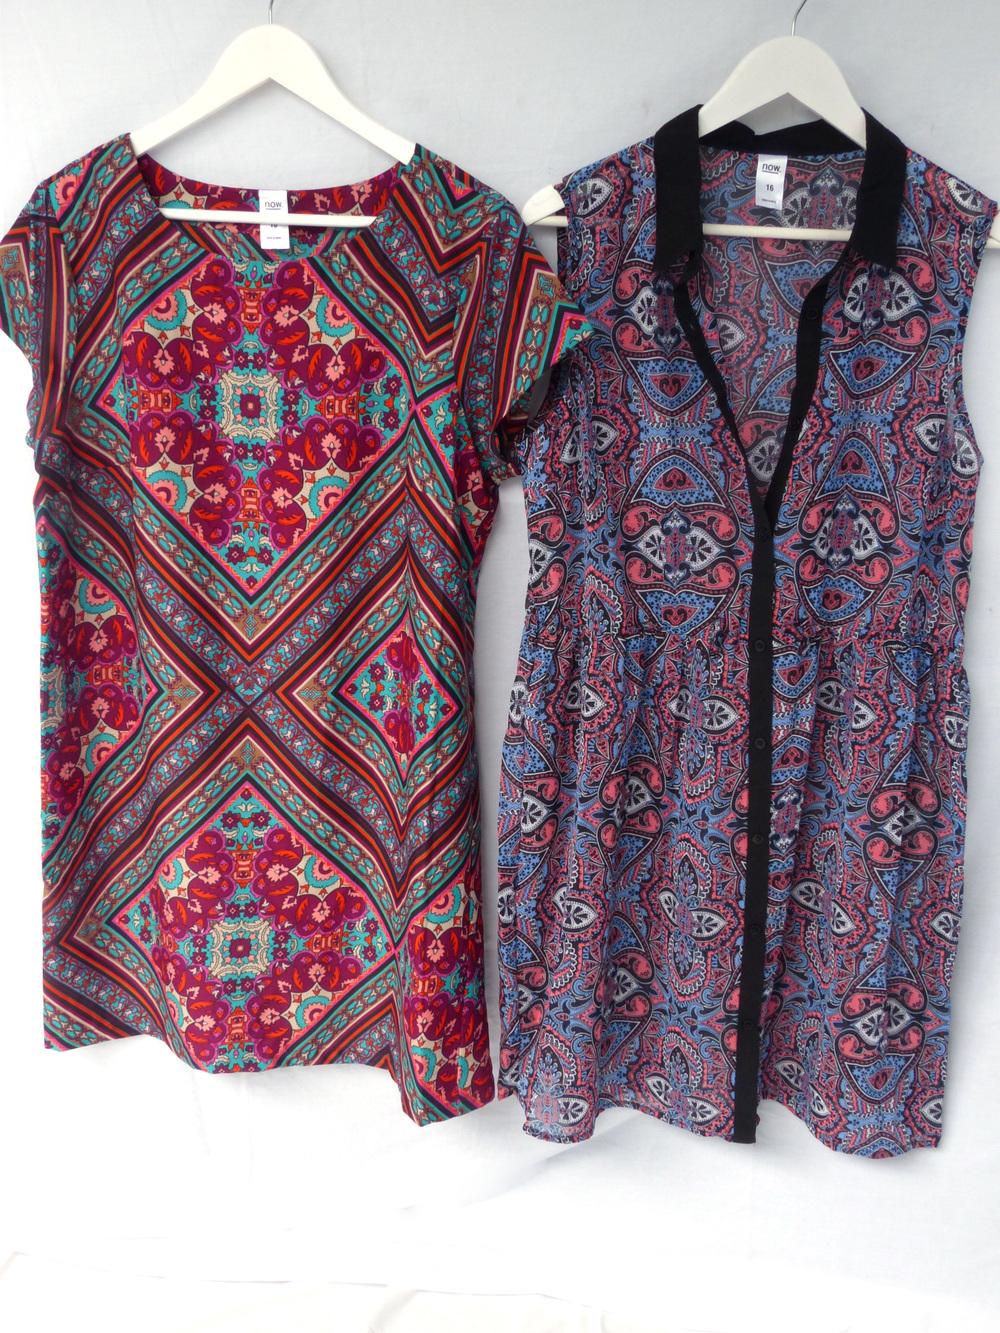 Dresses from K-Mart.